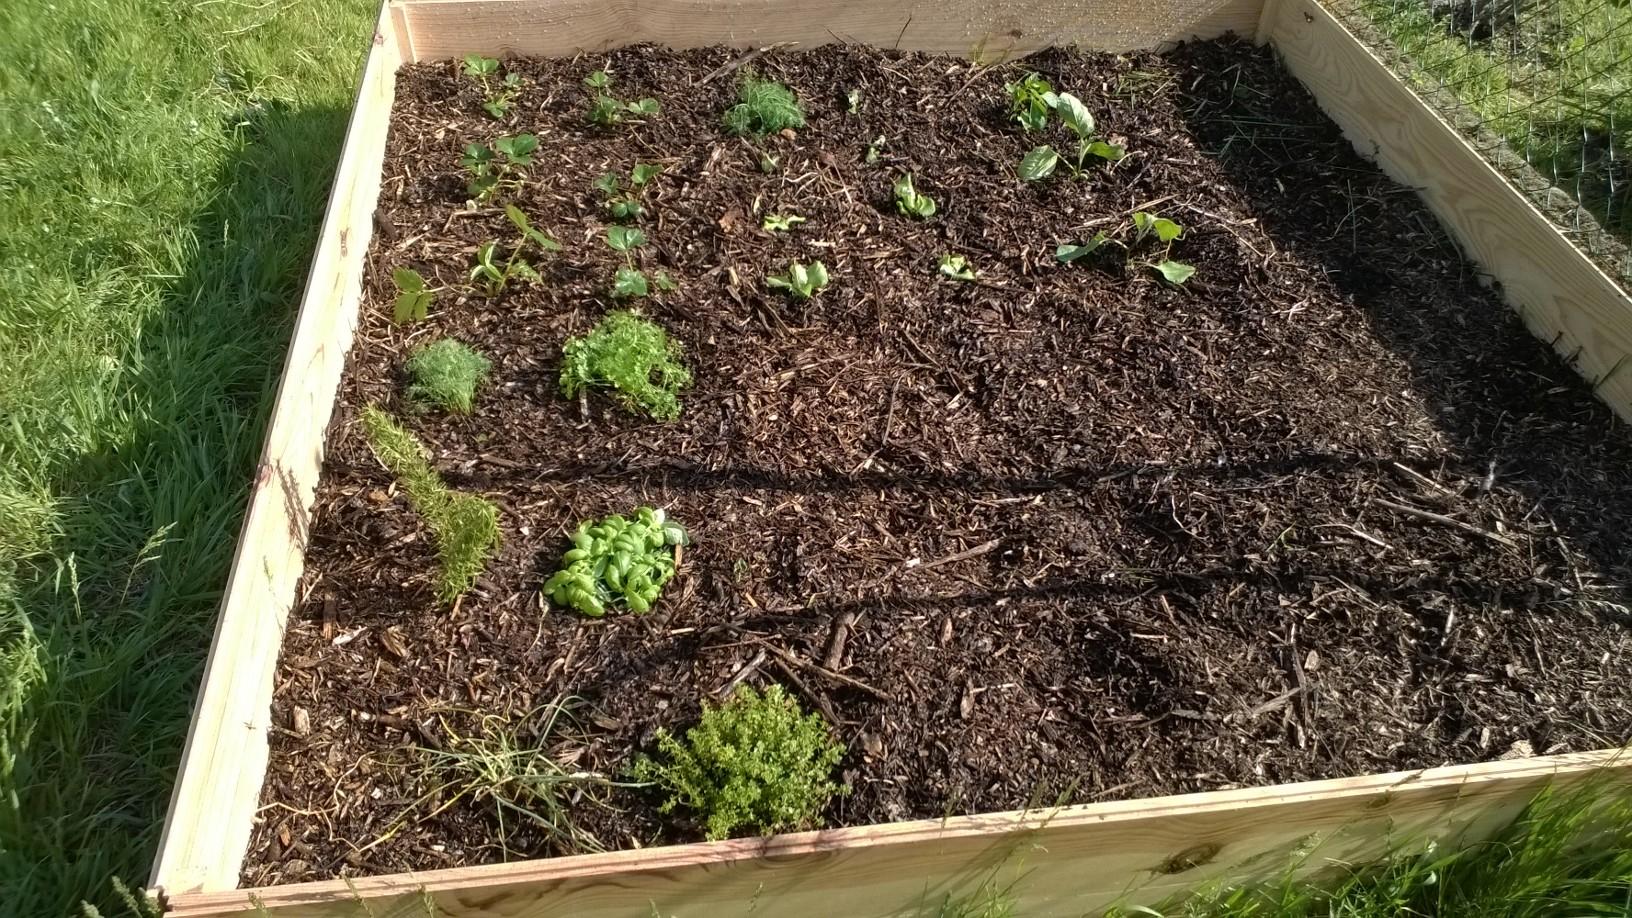 Mon propre jardin un beau potager sans entretien c 39 est for Entretien poivron jardin